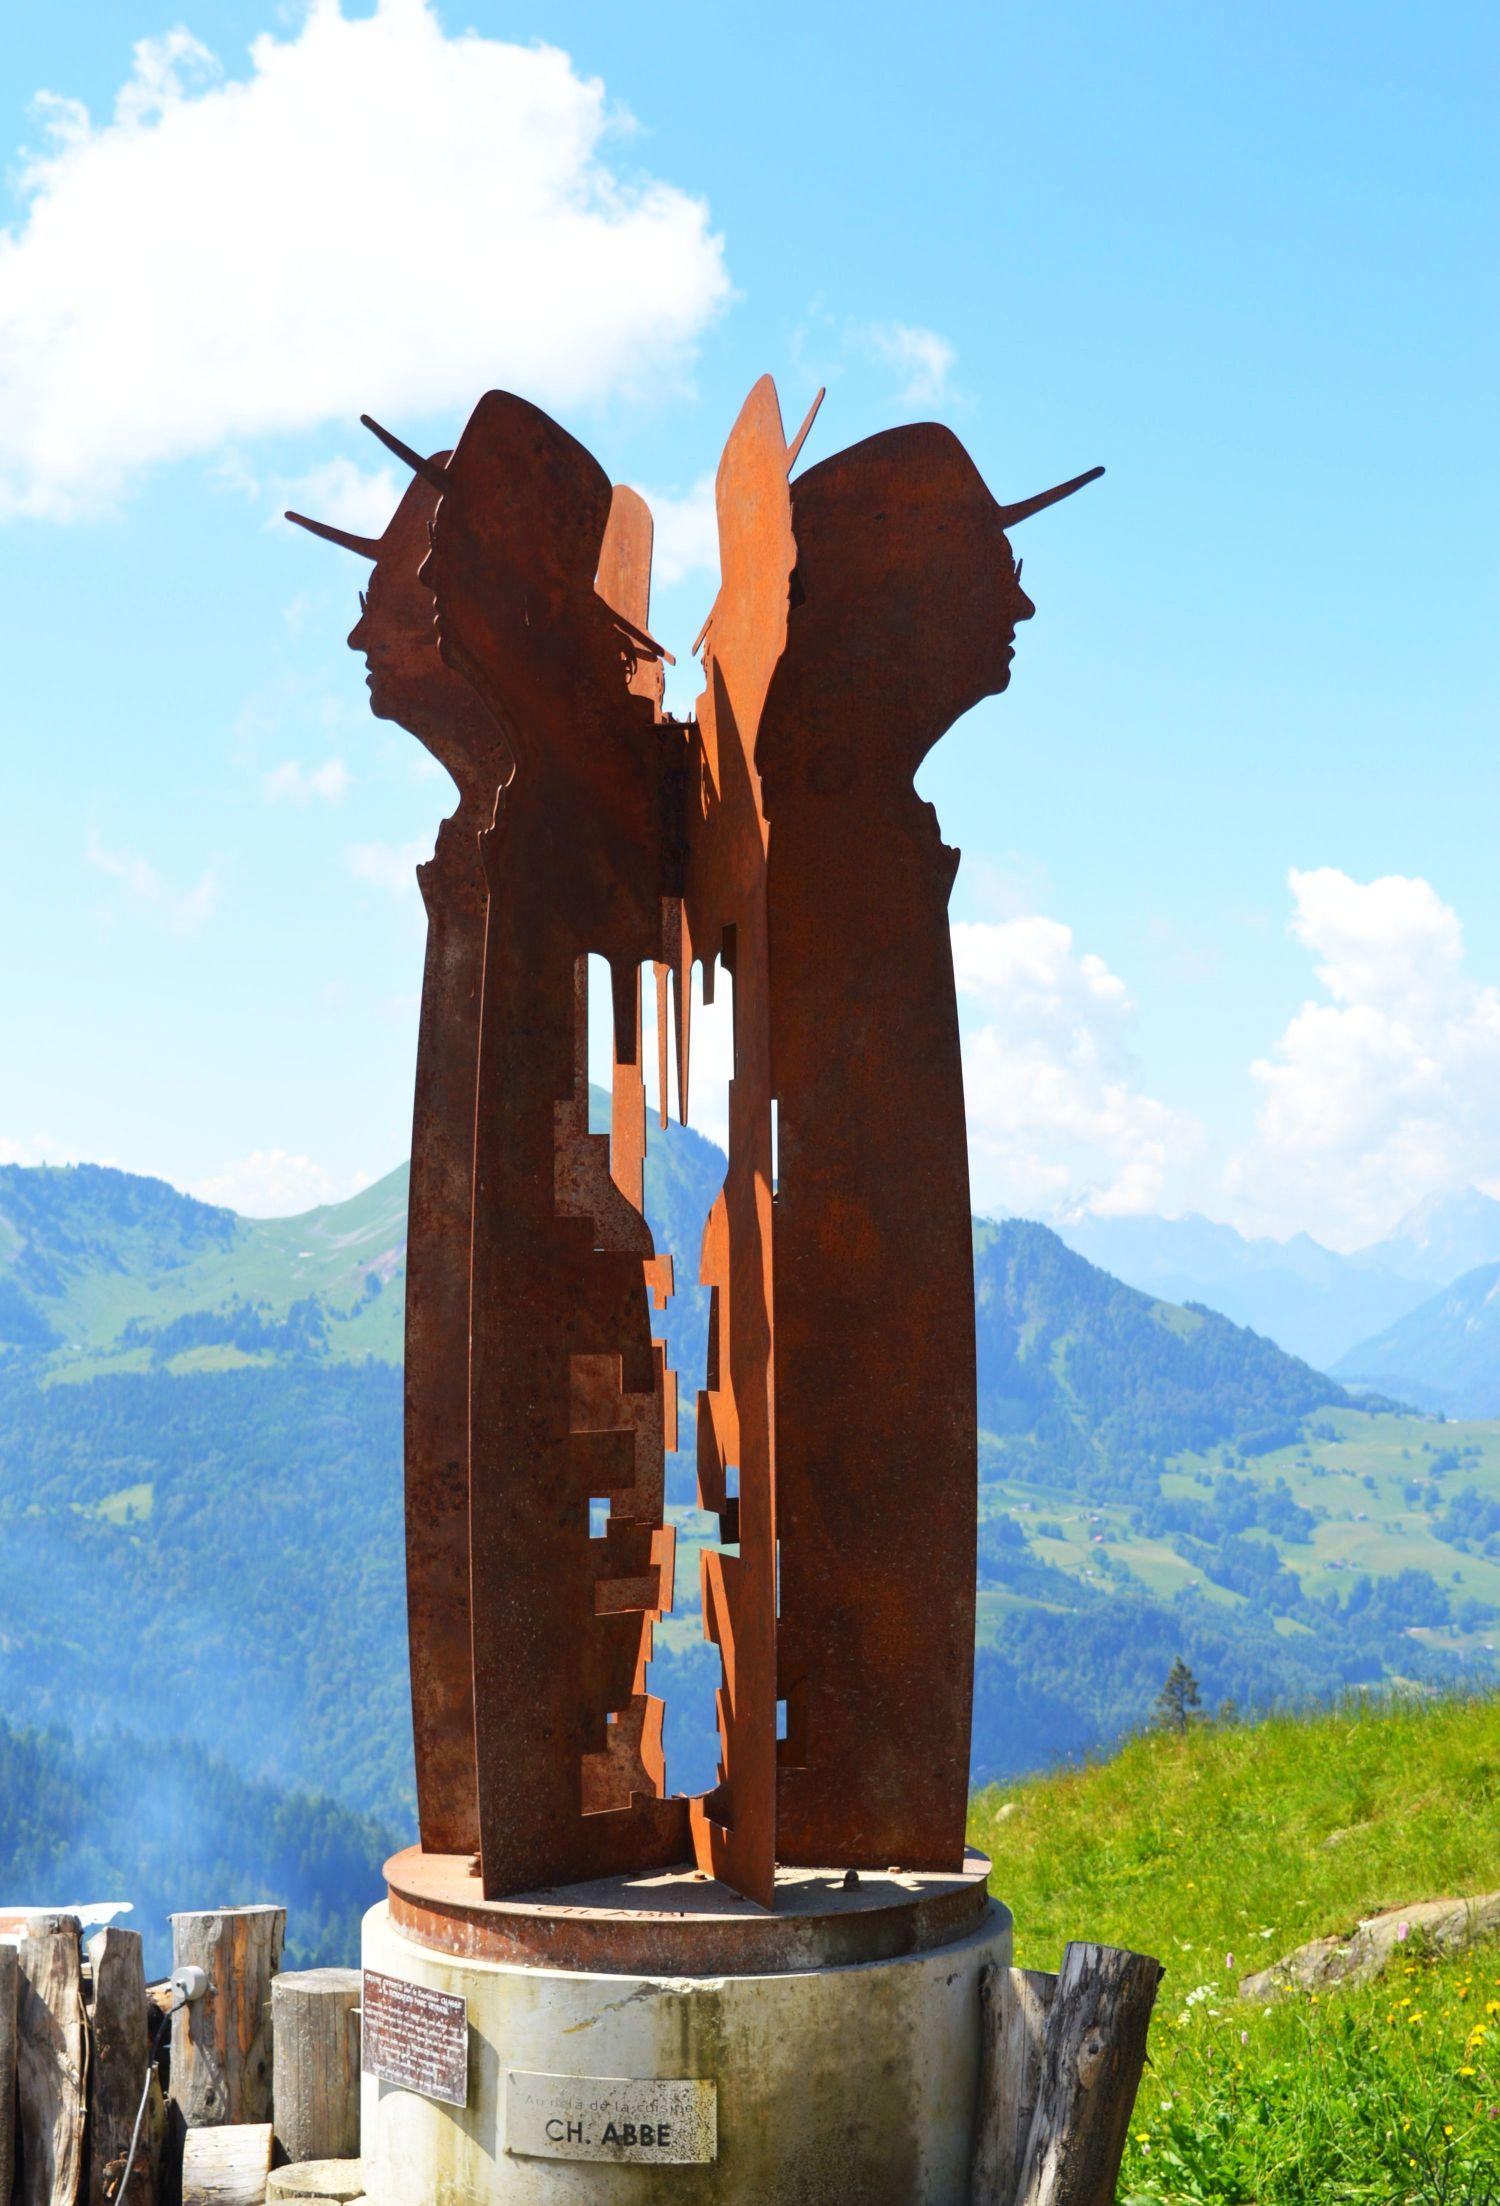 Sarbatoarea-Gustului-Gusturi-si-Destinatii-Franta-Savoie-Manigou-Marc-Veyrat-02